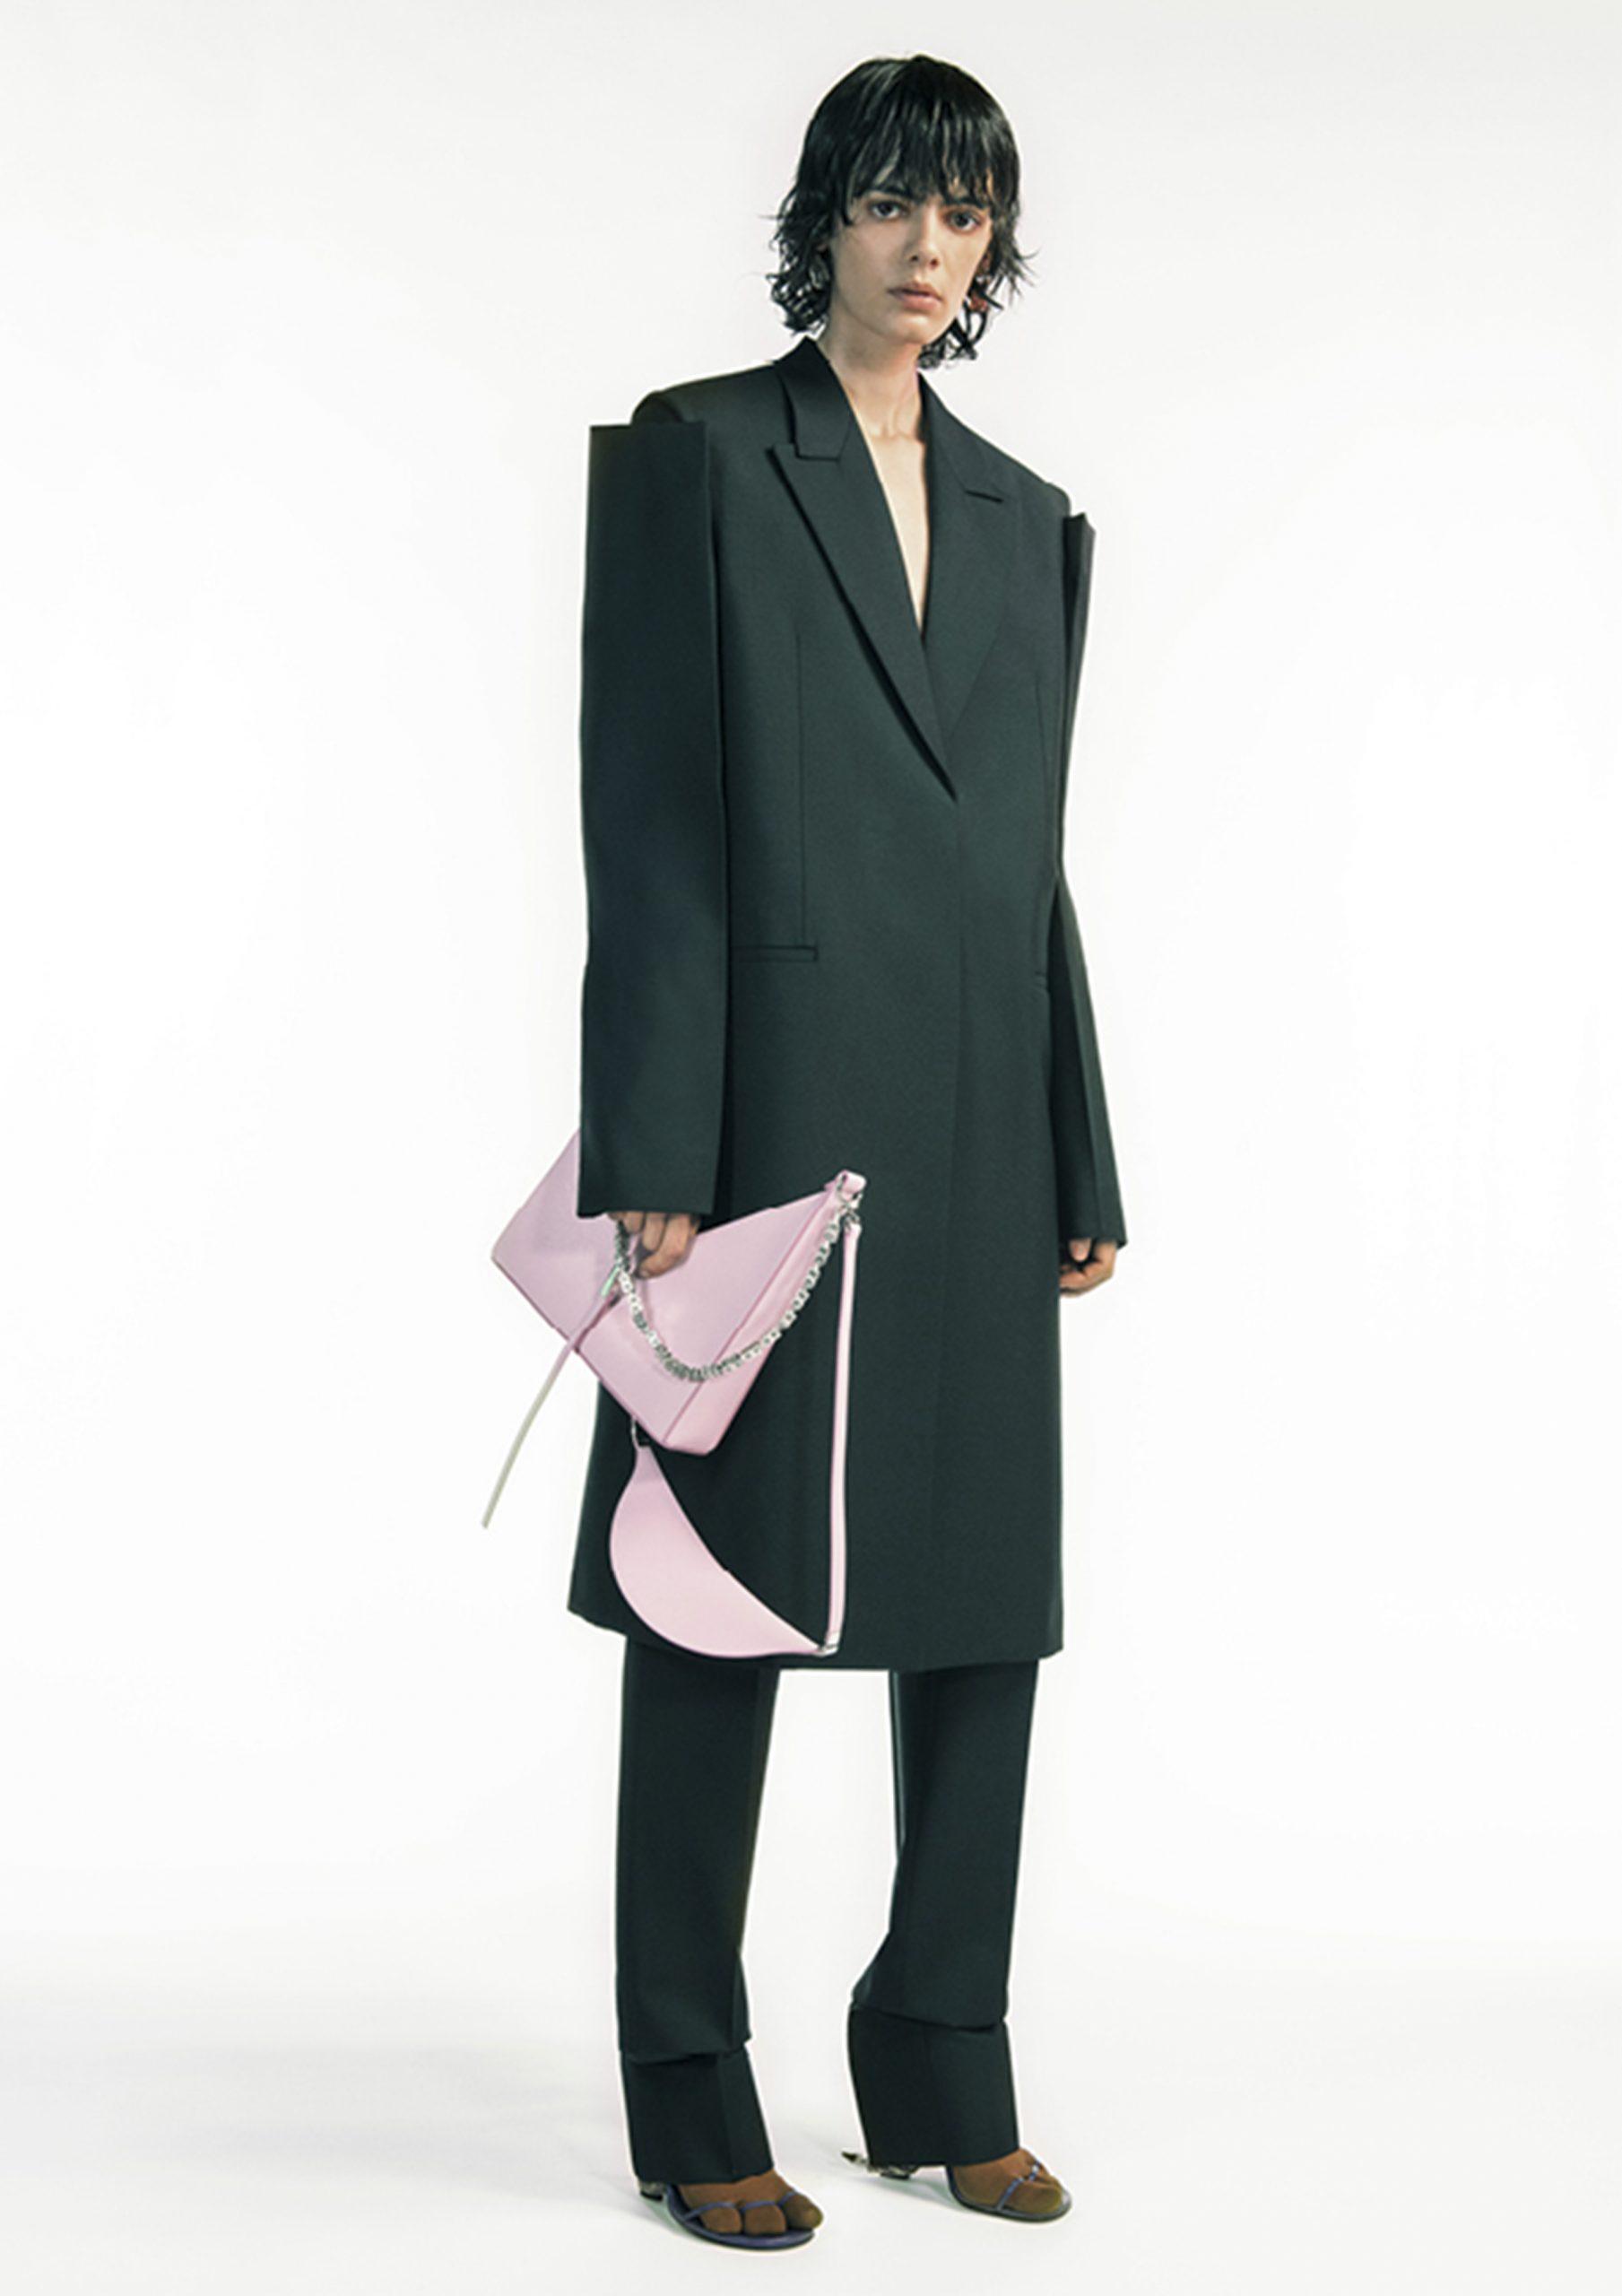 26. kép: Párizsi divathét - 2021 tavasz-nyár - ready to wear - Givenchy